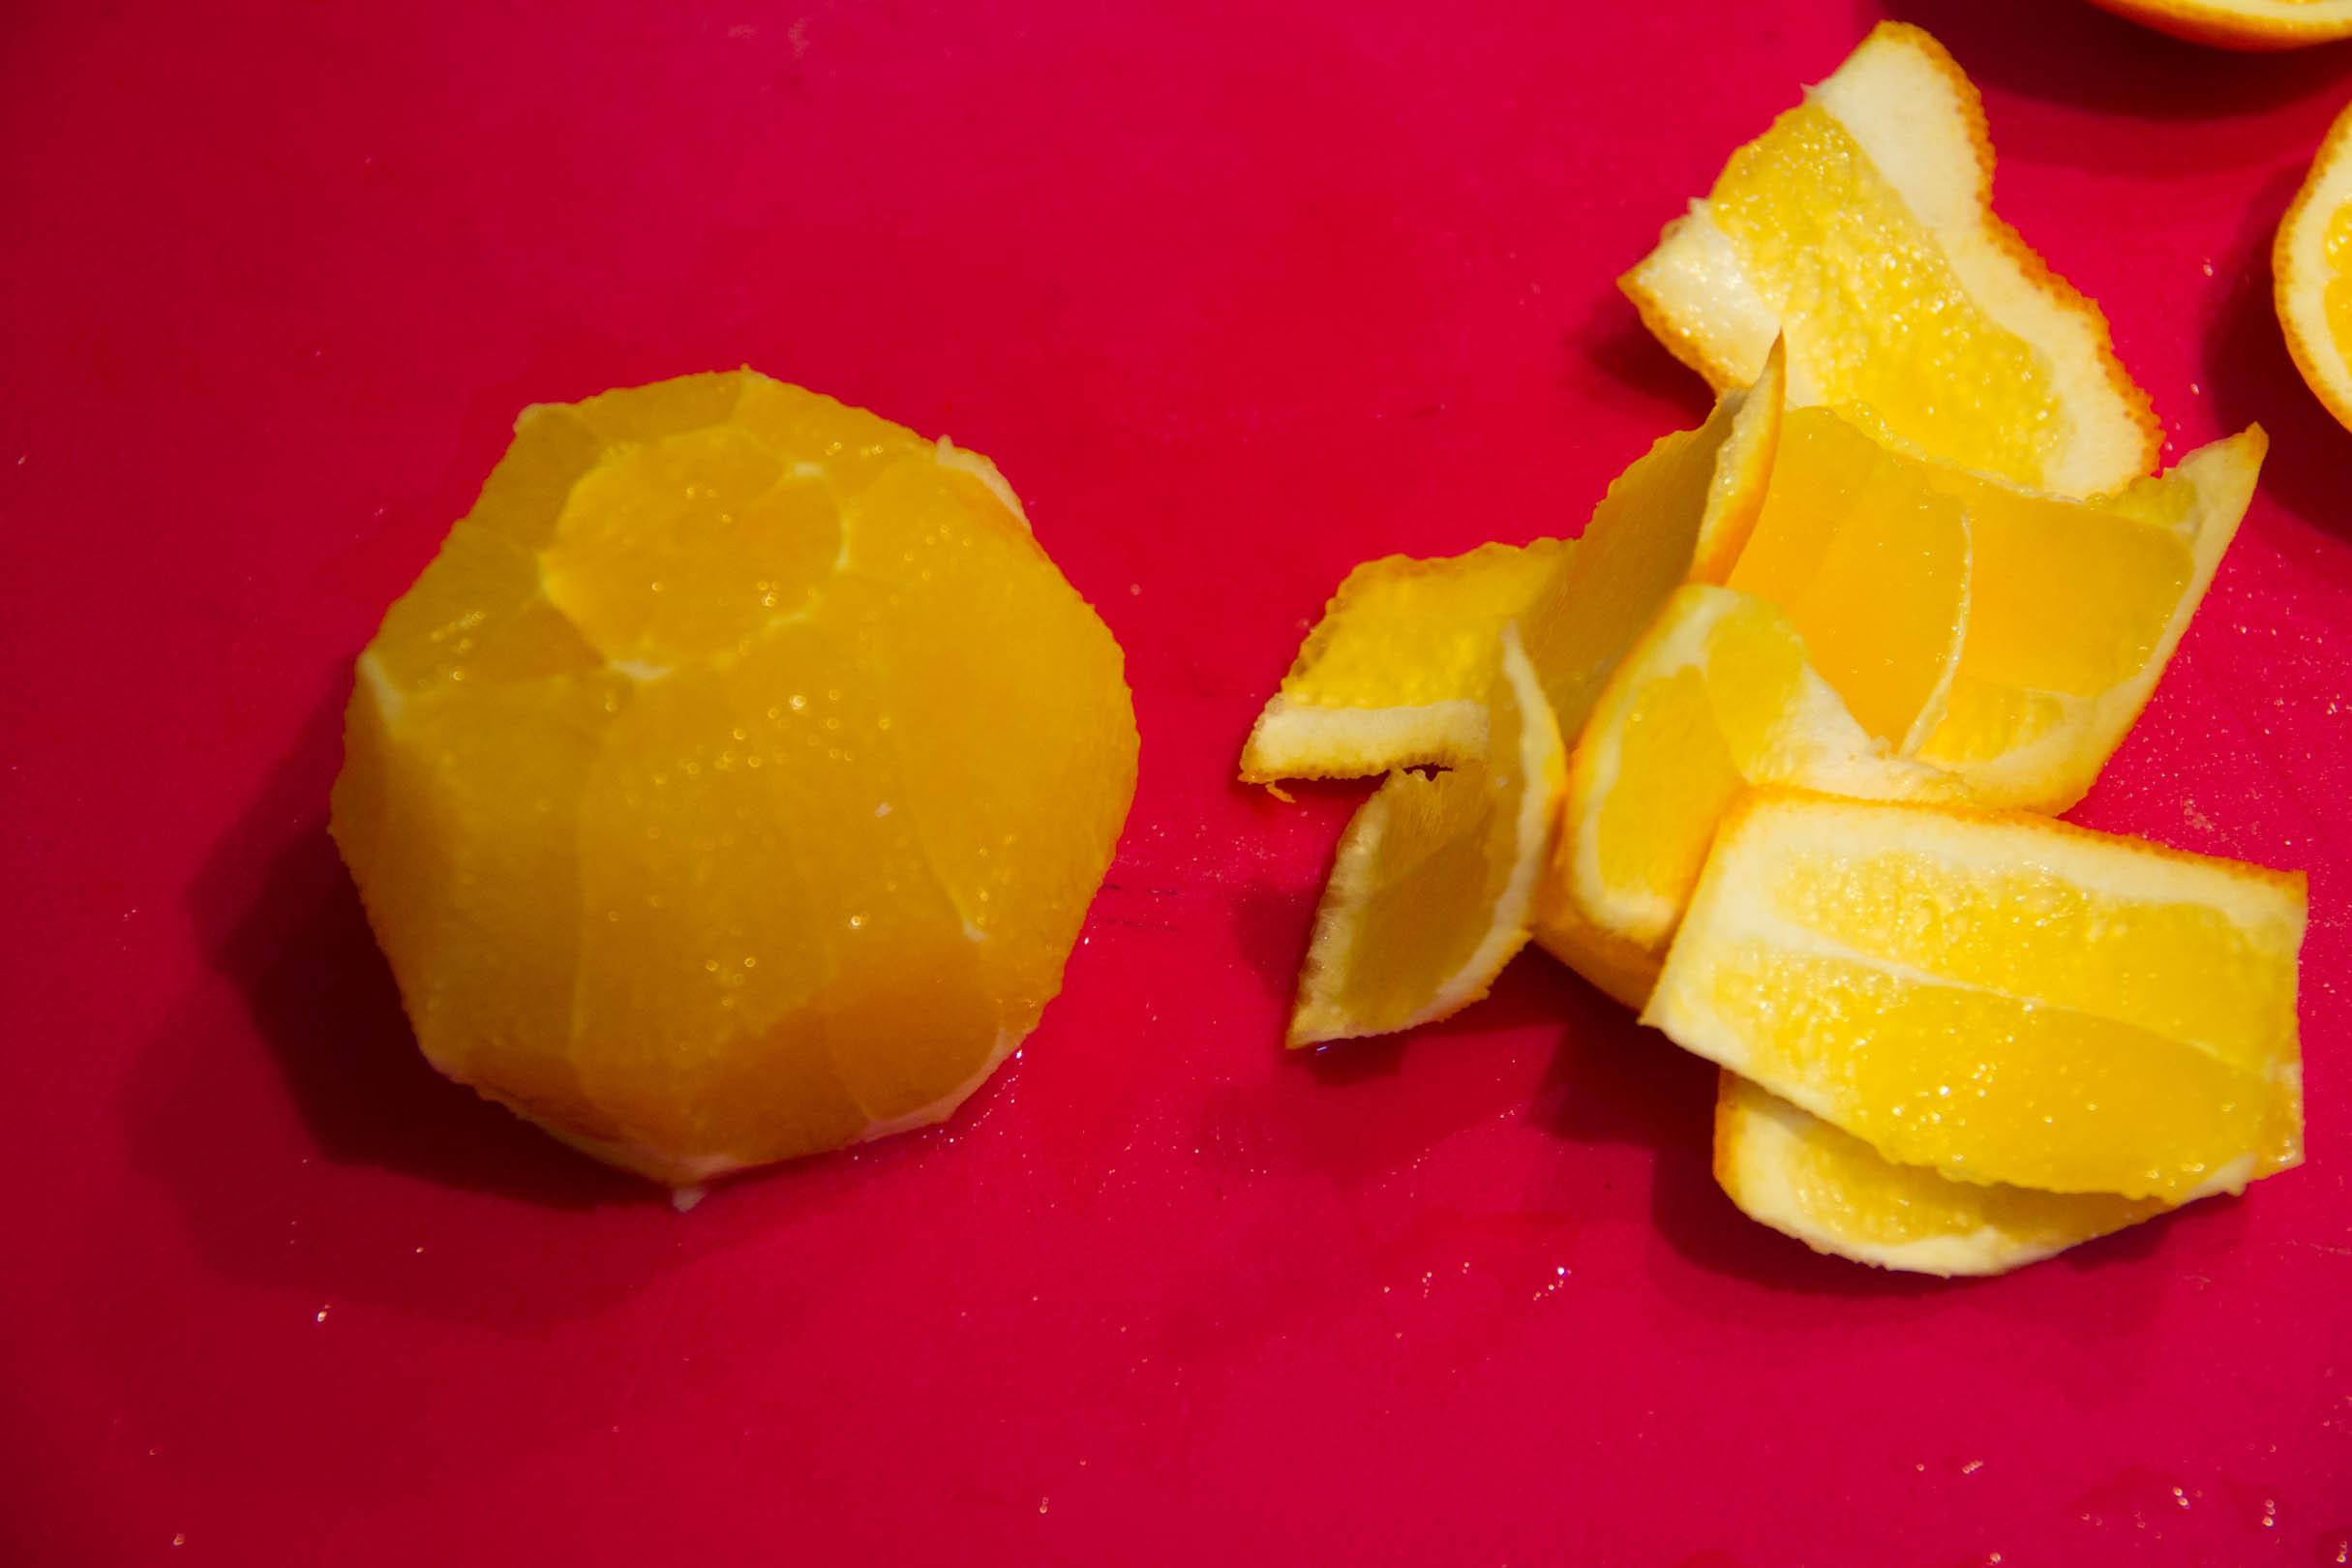 Ôtez l'écorce de l'orange